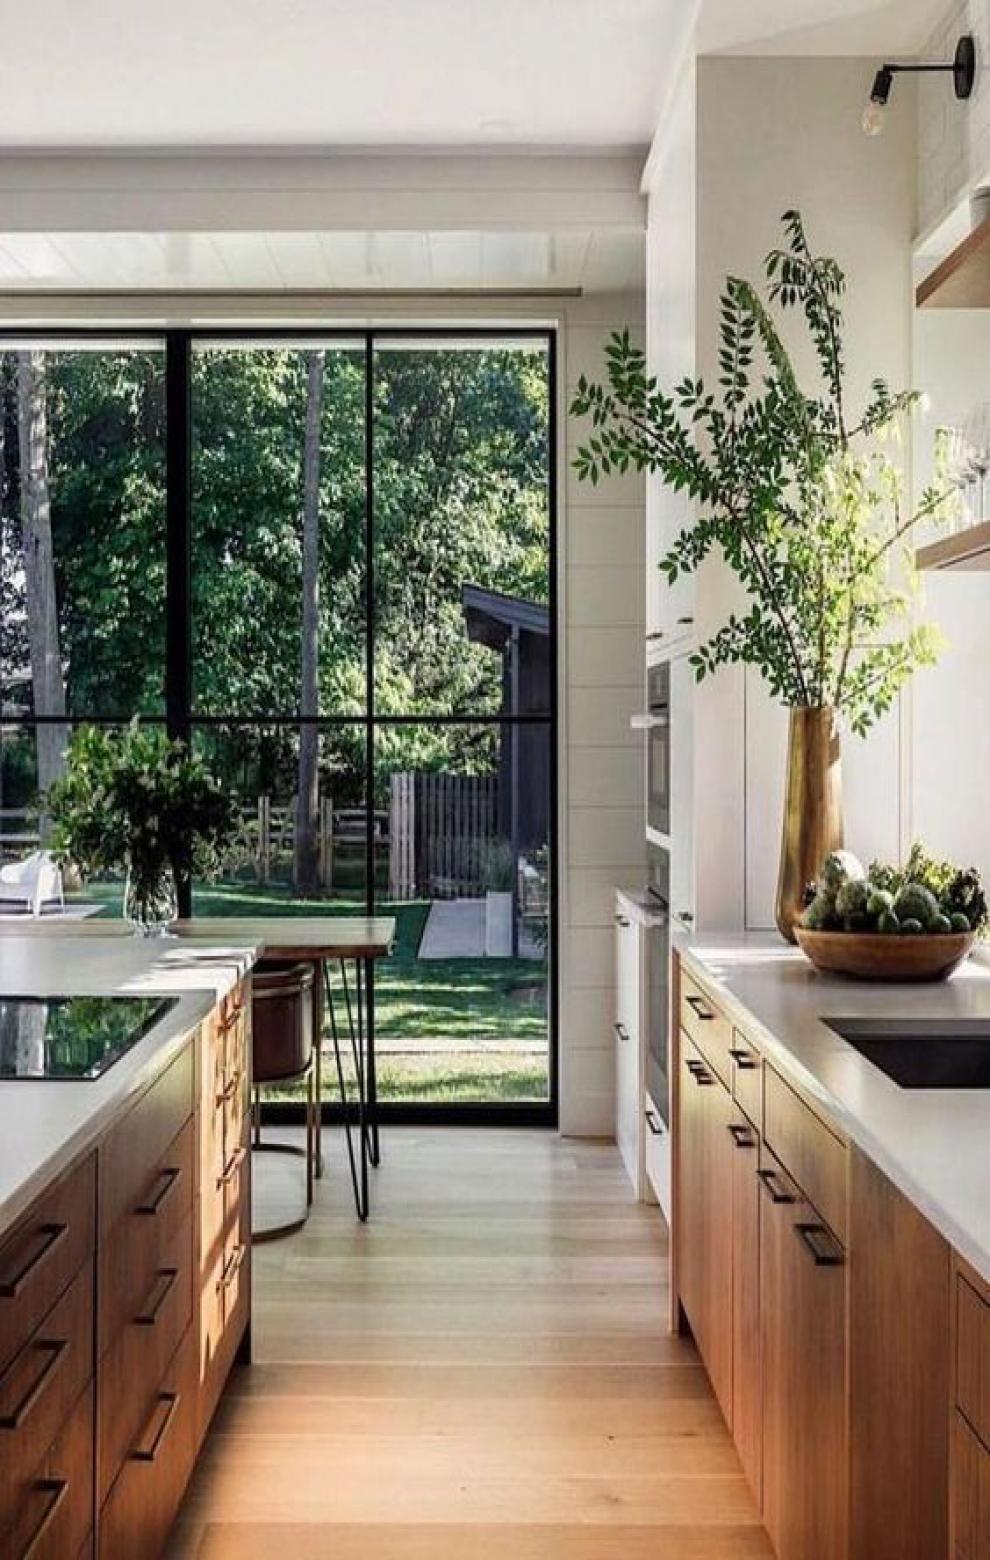 46 Awesome Modern Mid Century Kitchen Remodel Ideas Kitchen Window Design Interior Design Kitchen House Design